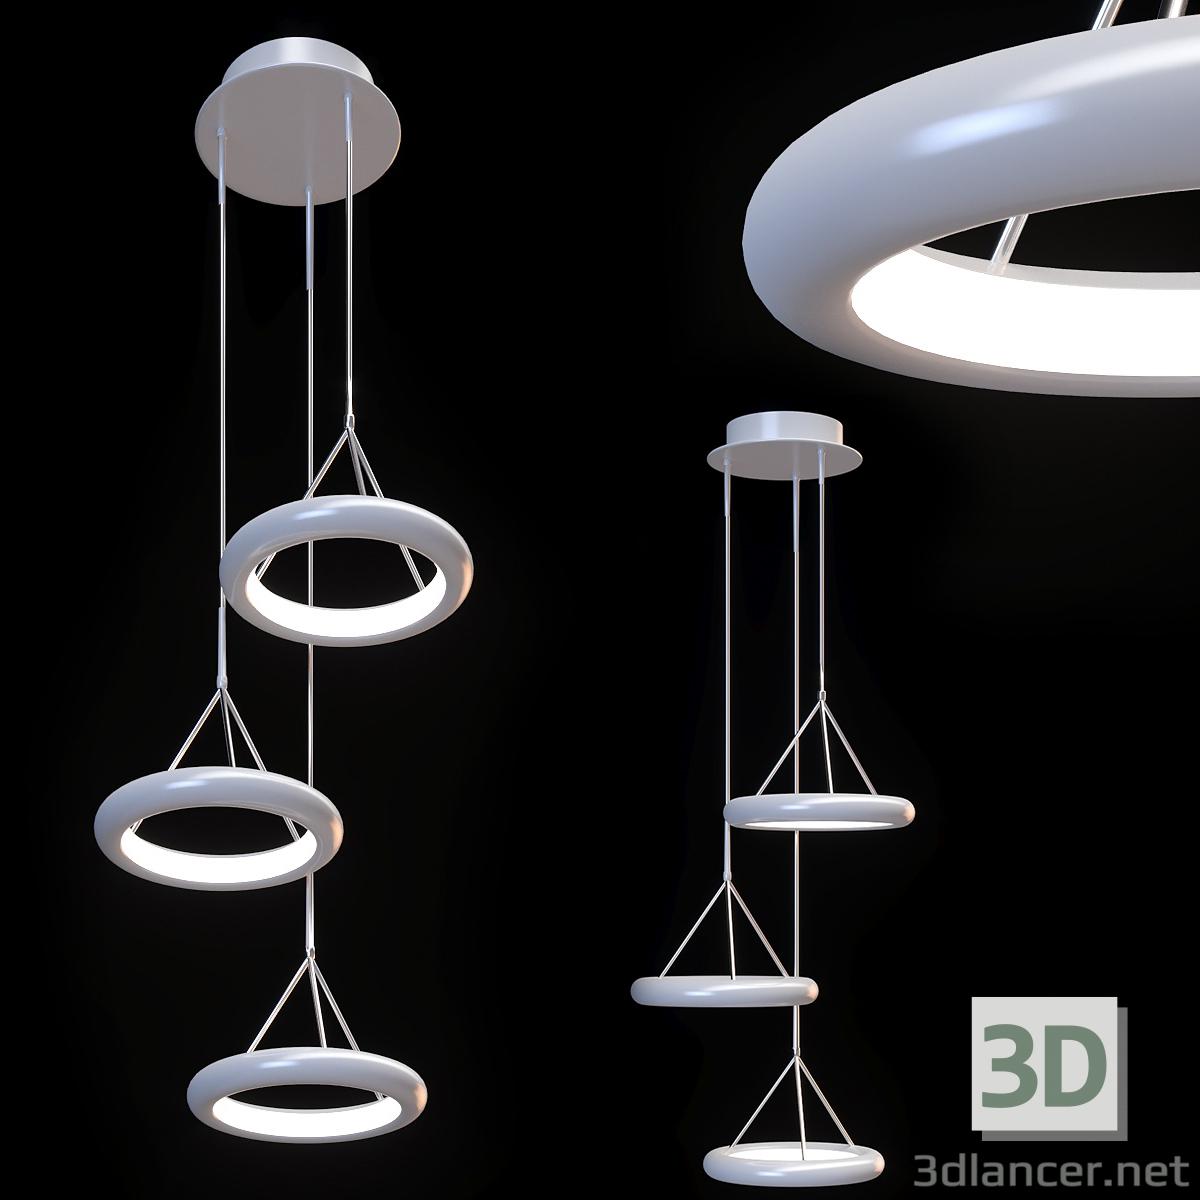 3d Luminaire Freya BLIS model buy - render